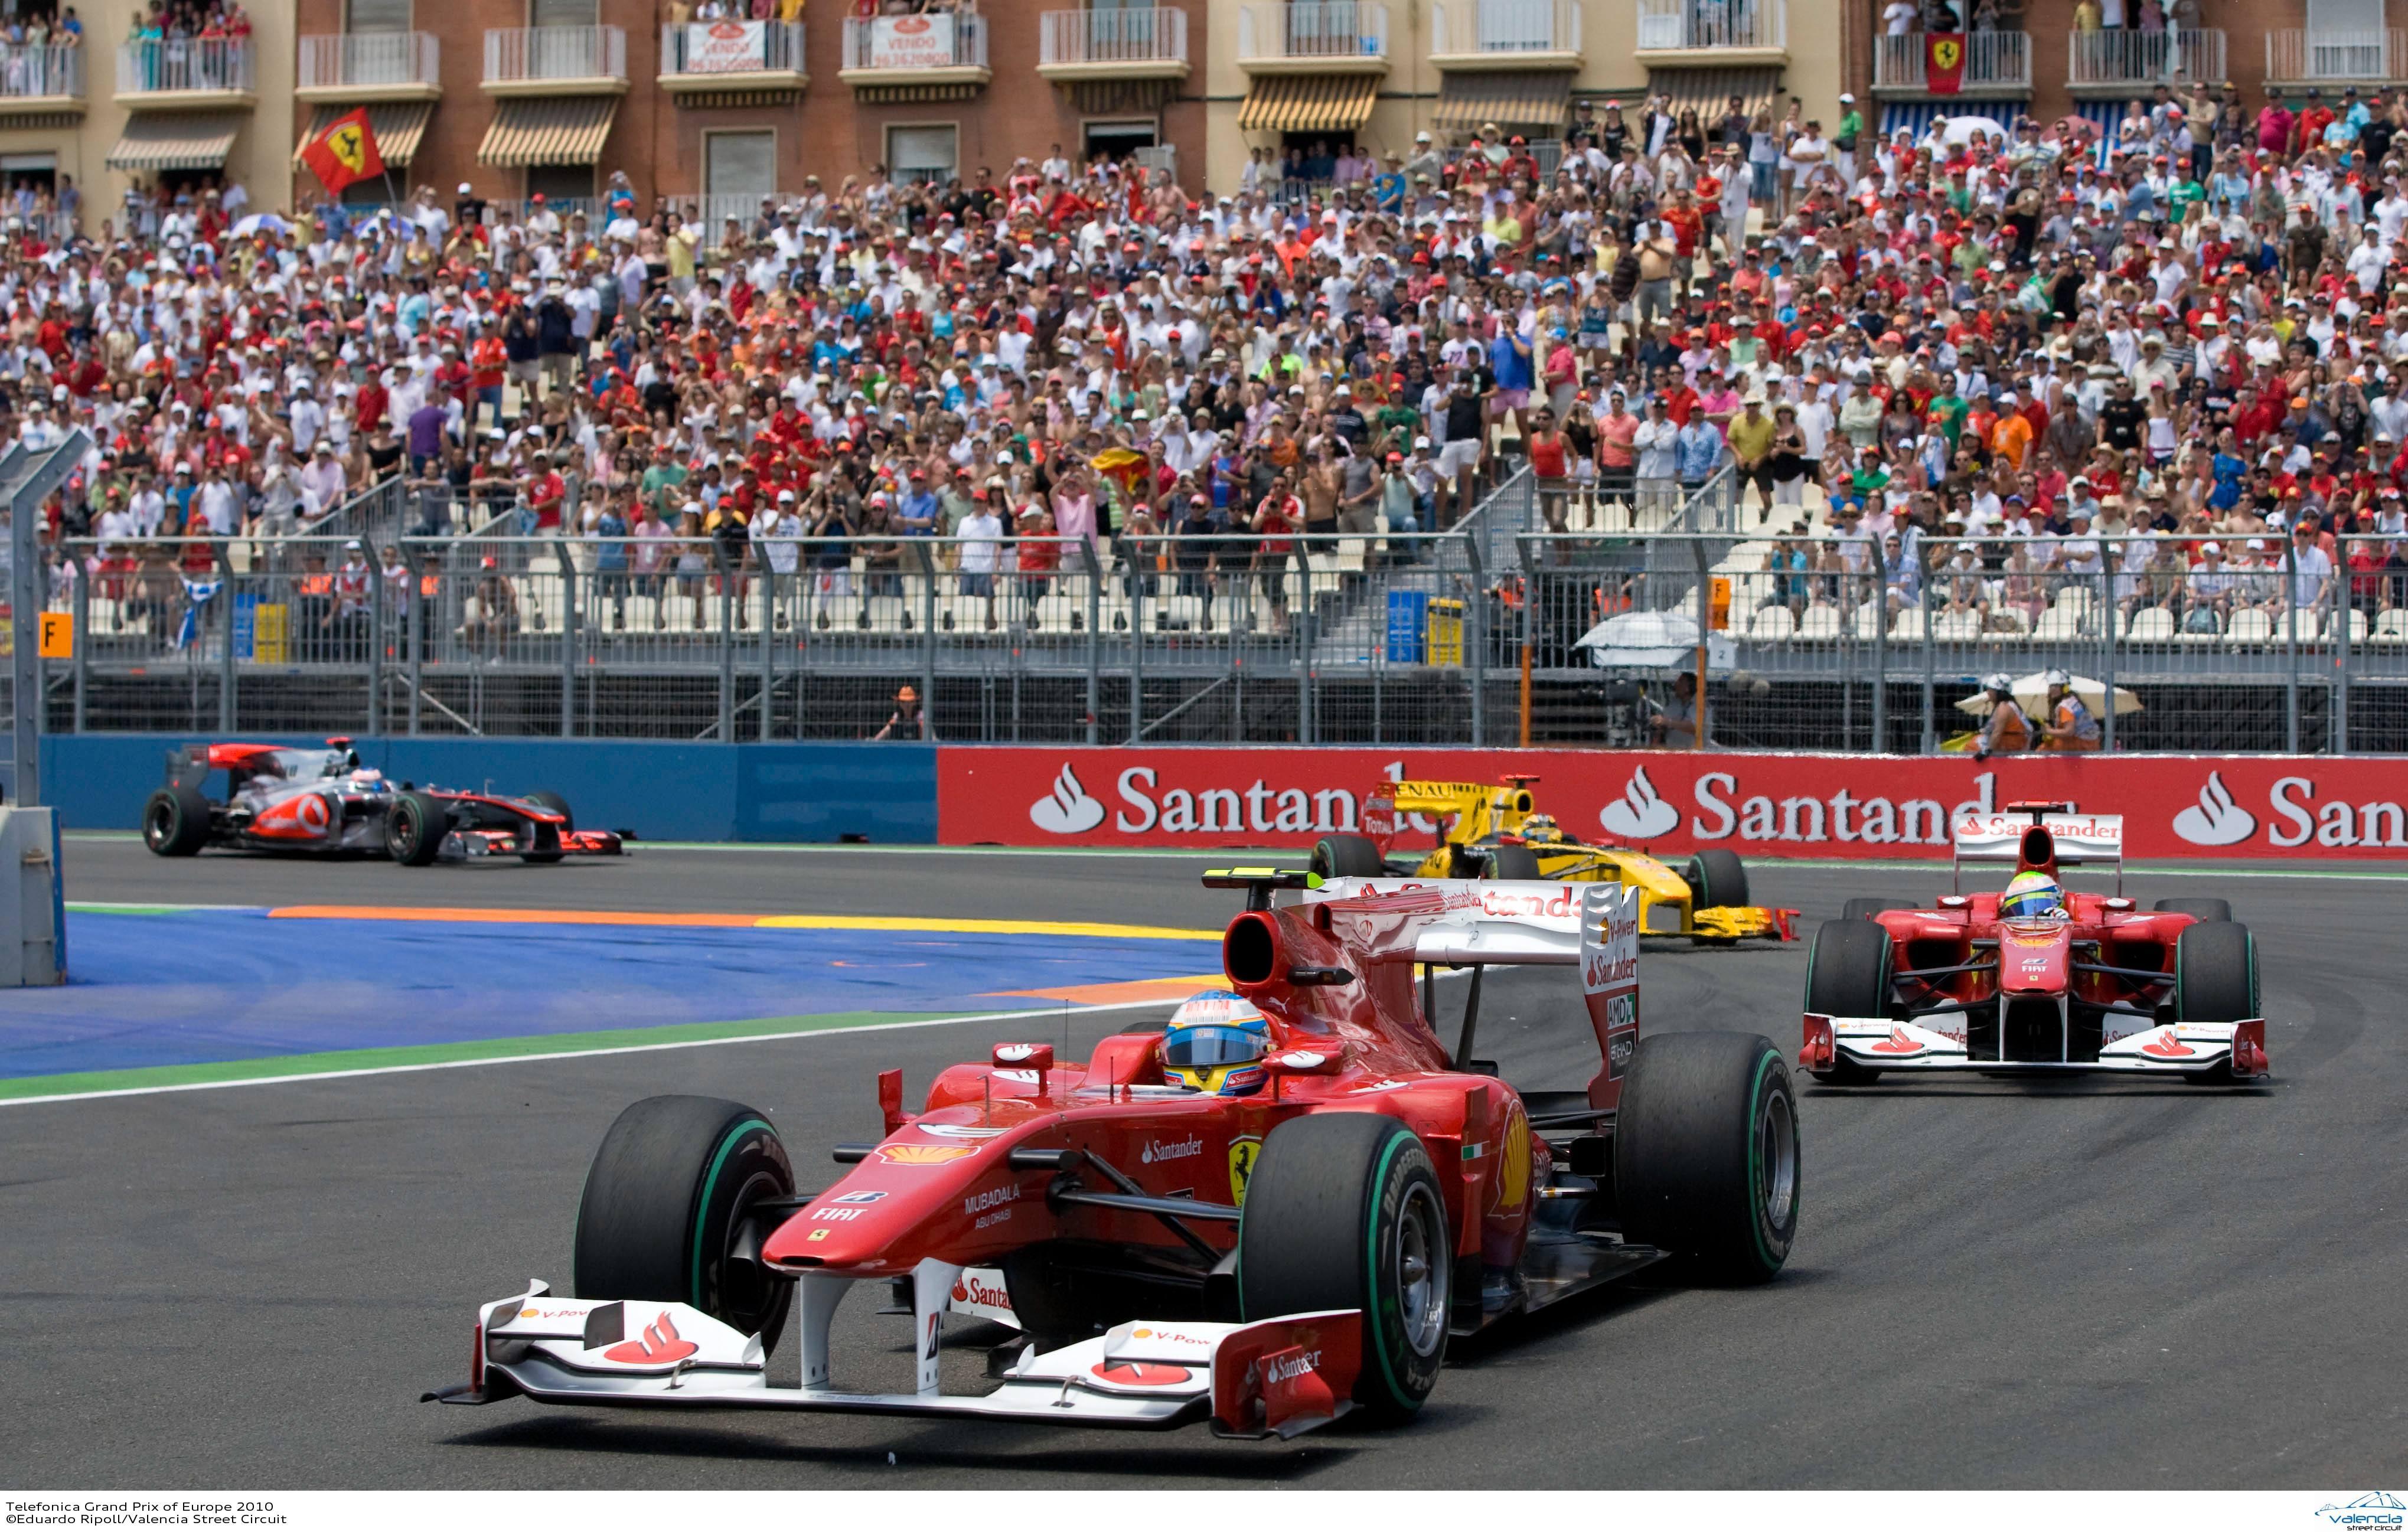 La Fórmula 1 busca cadena tras no poder pagar laSexta los derechos